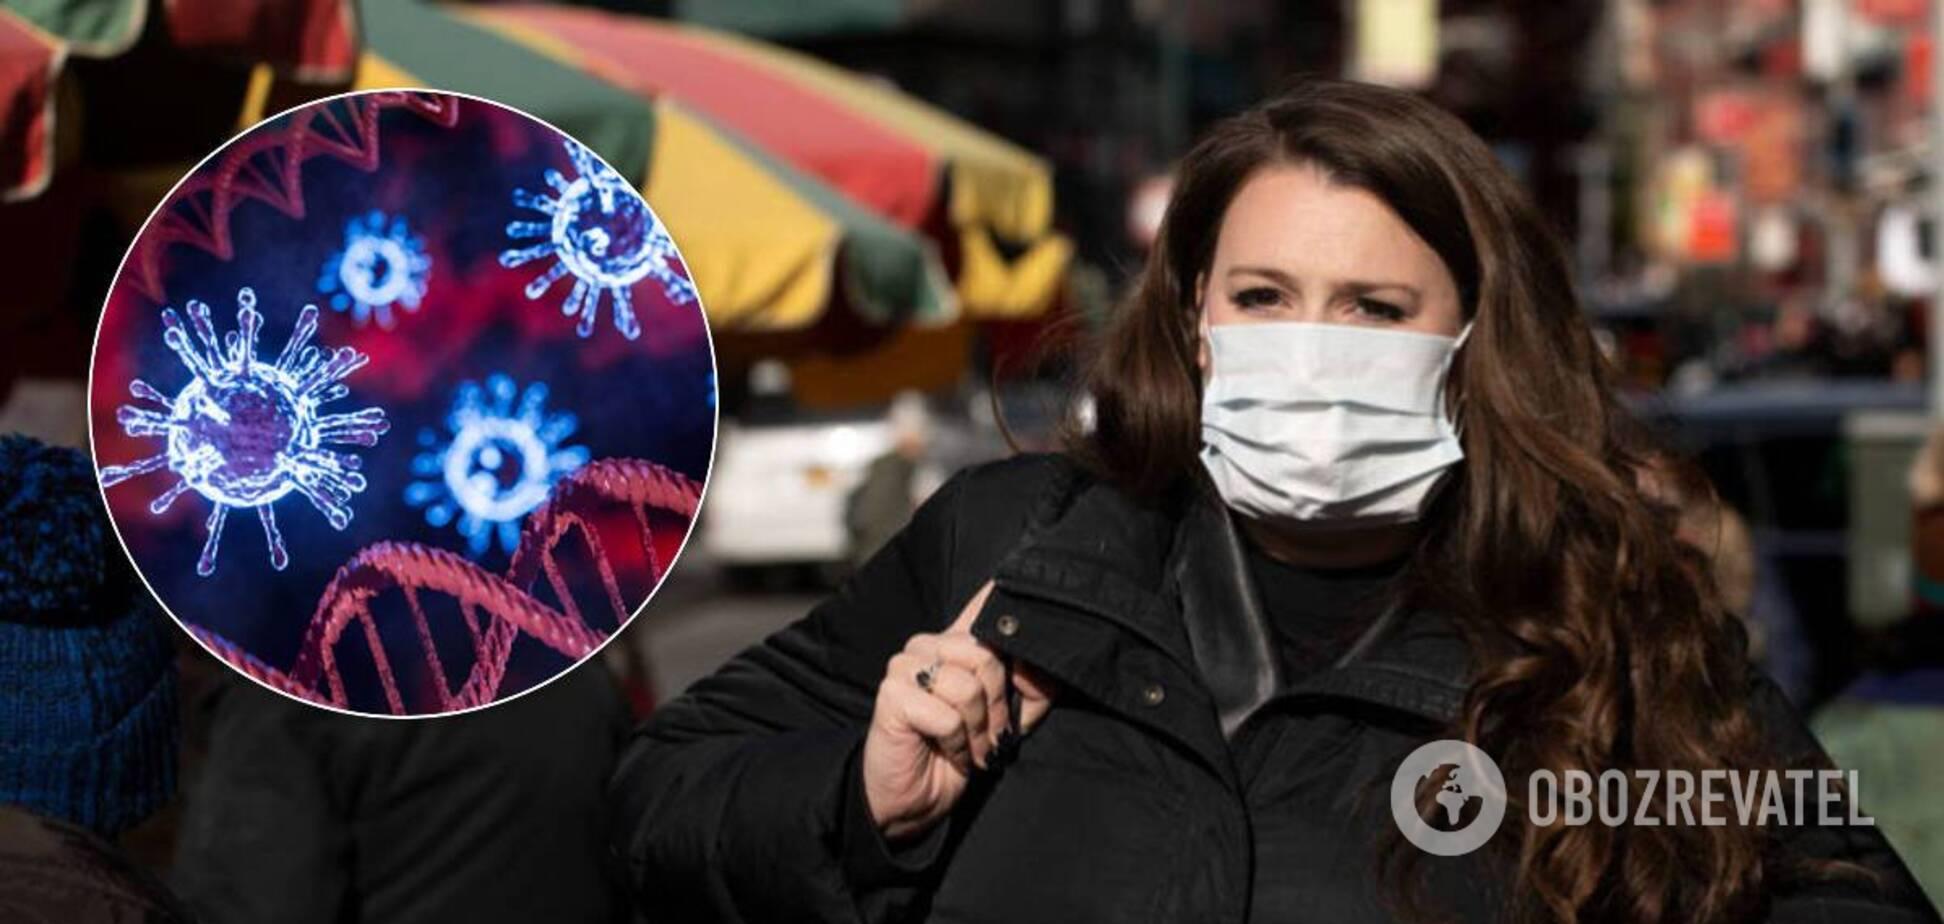 Стало известно, кто рискует заразиться COVID-19 больше всех